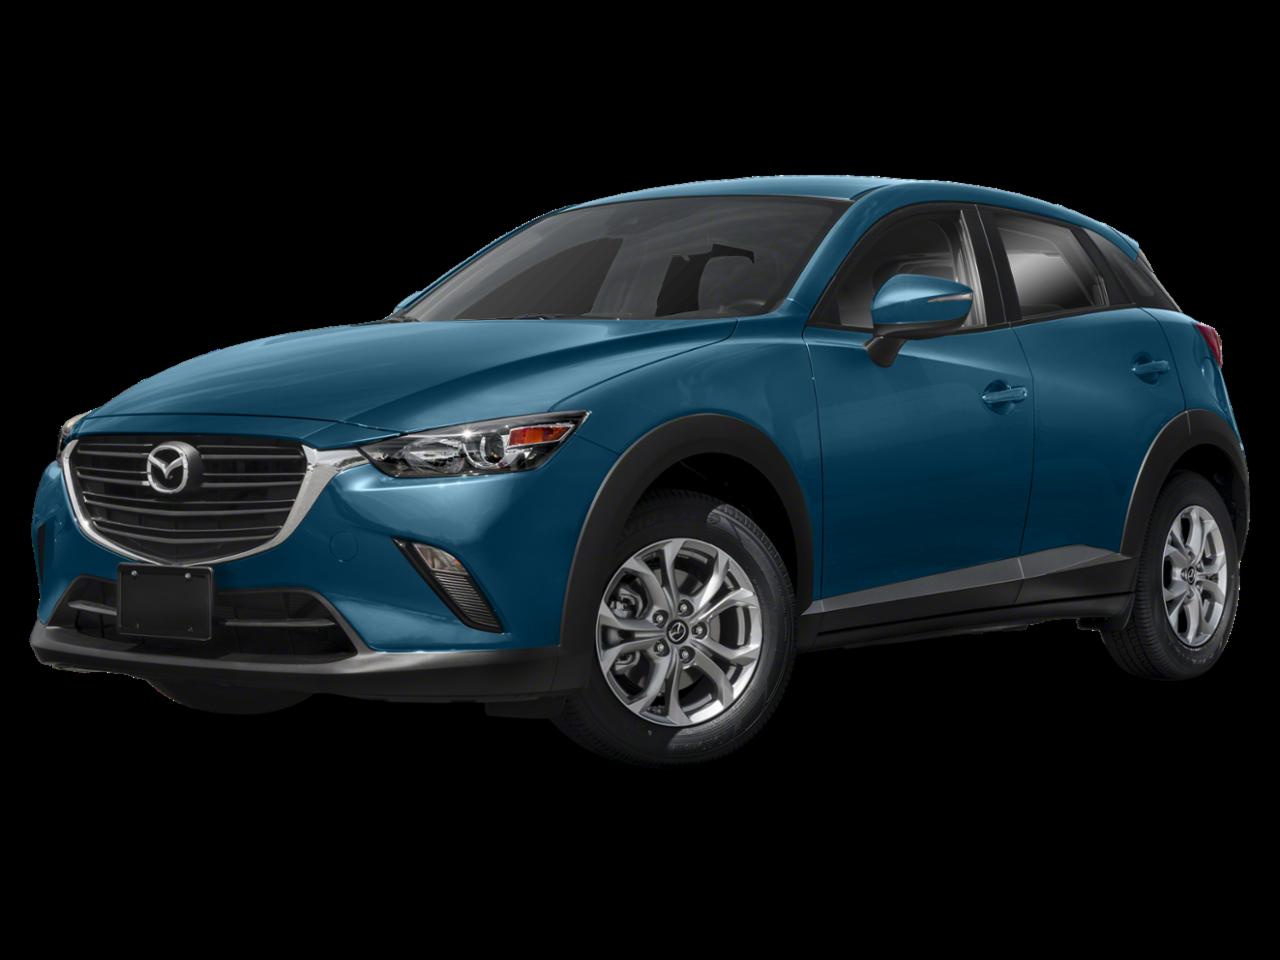 2020 Mazda Cx 3 Release